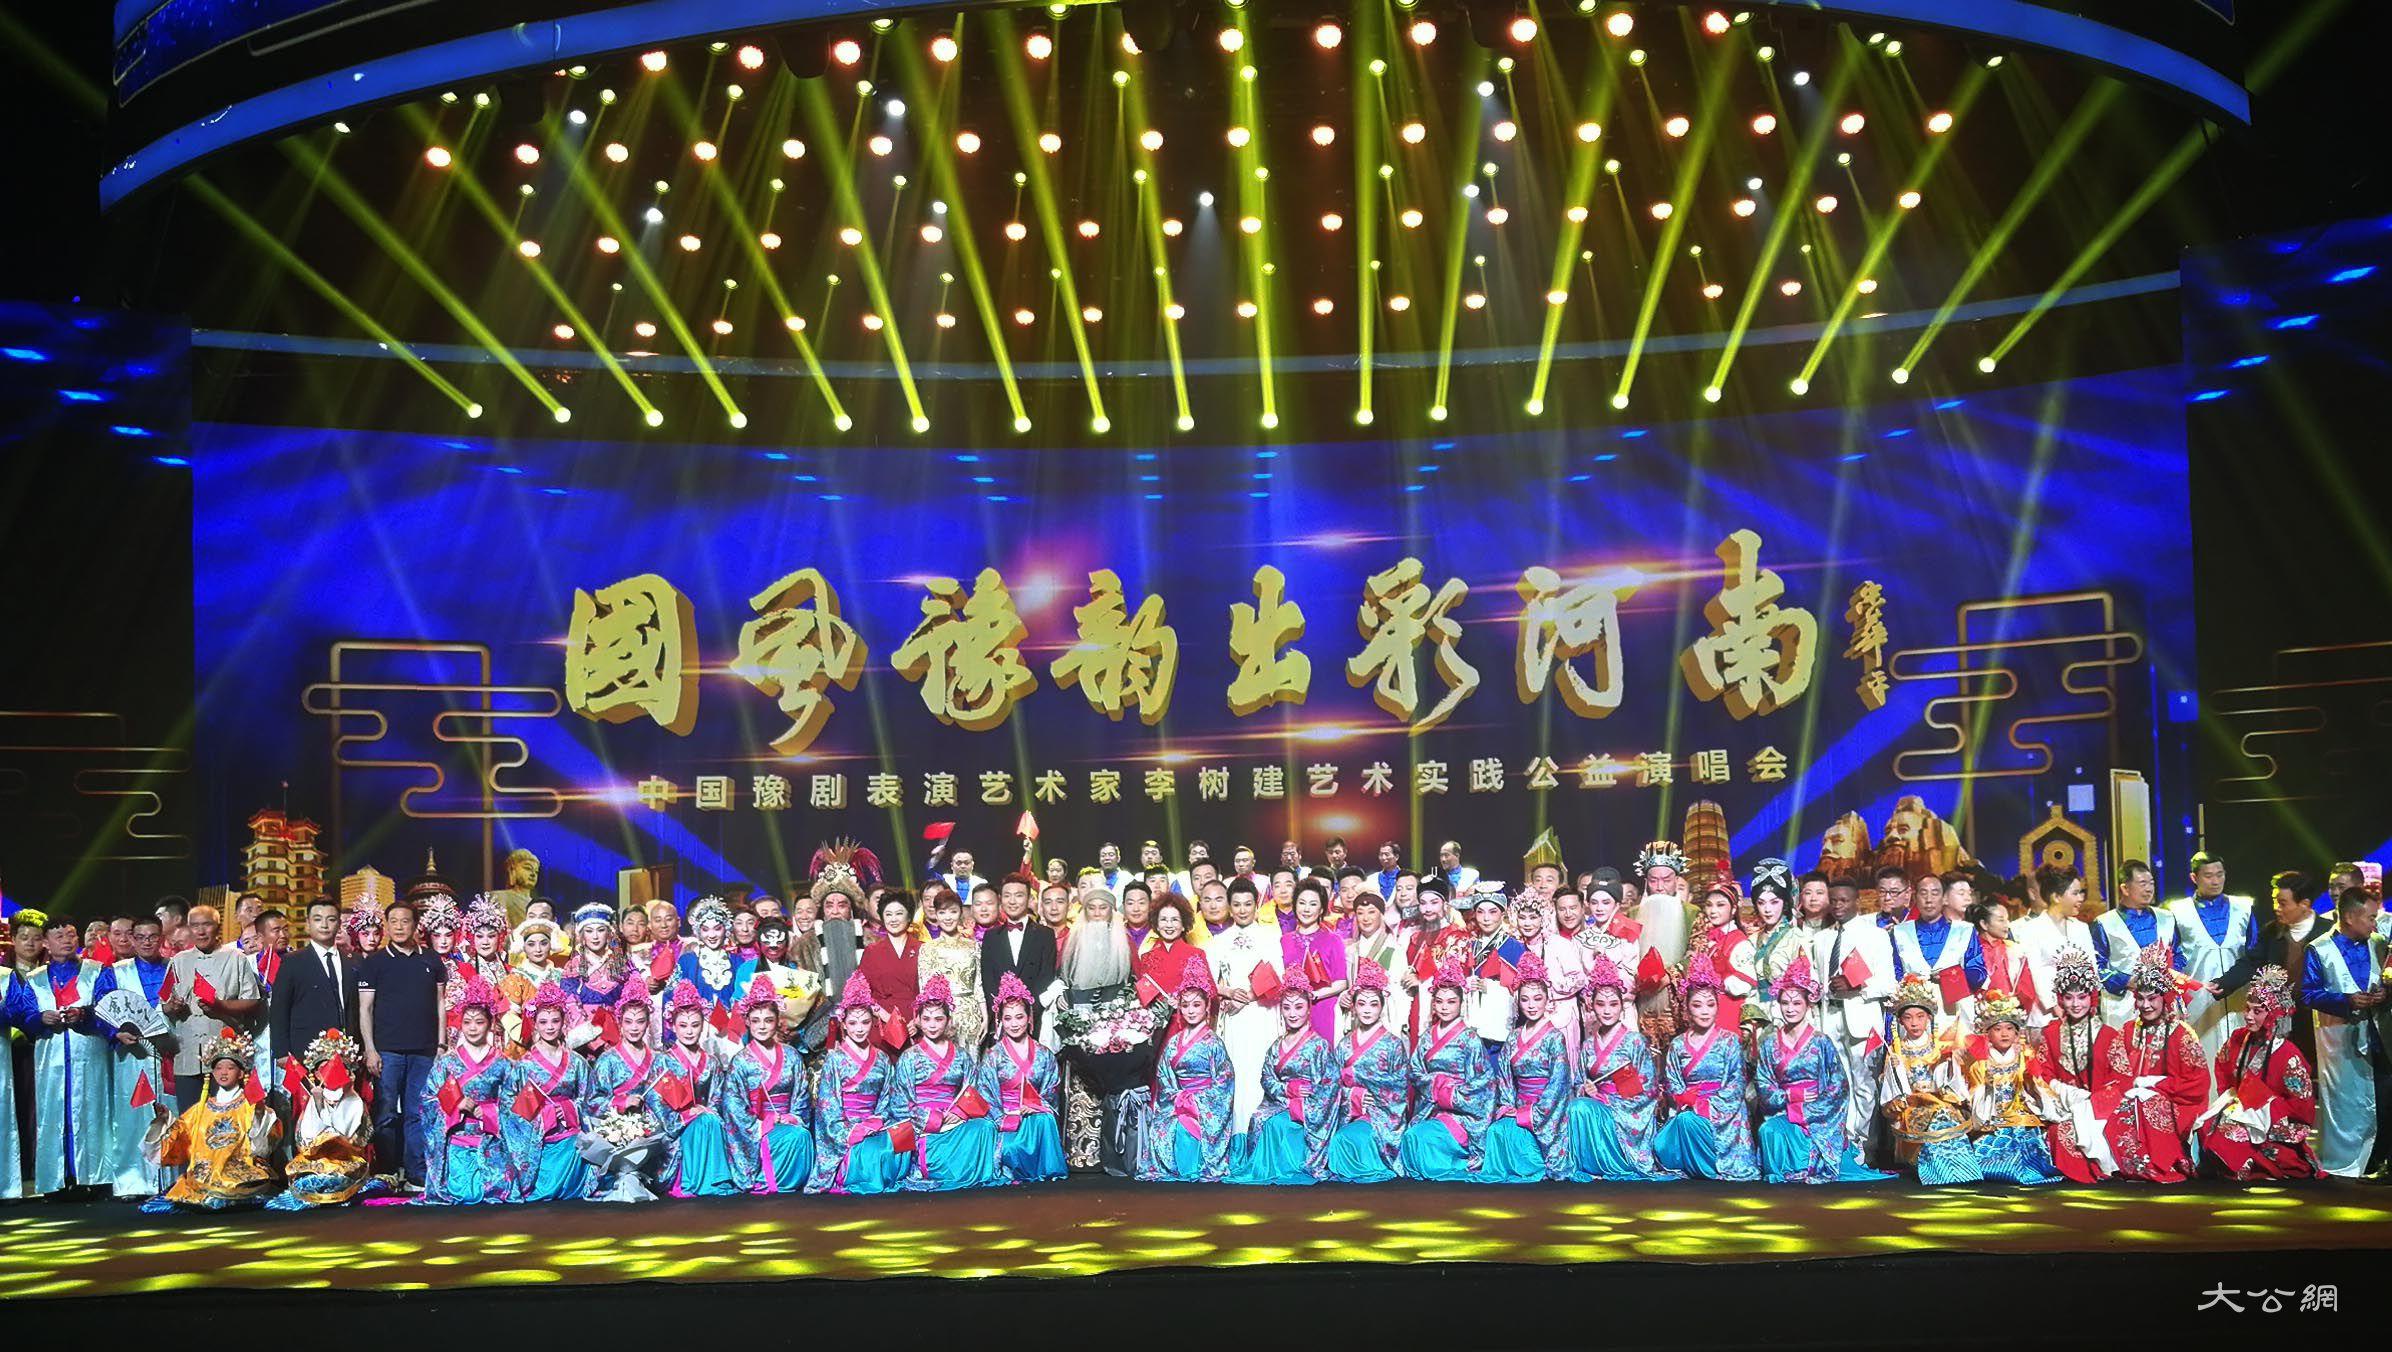 李樹建北京公益演唱 展國風豫韻出彩河南